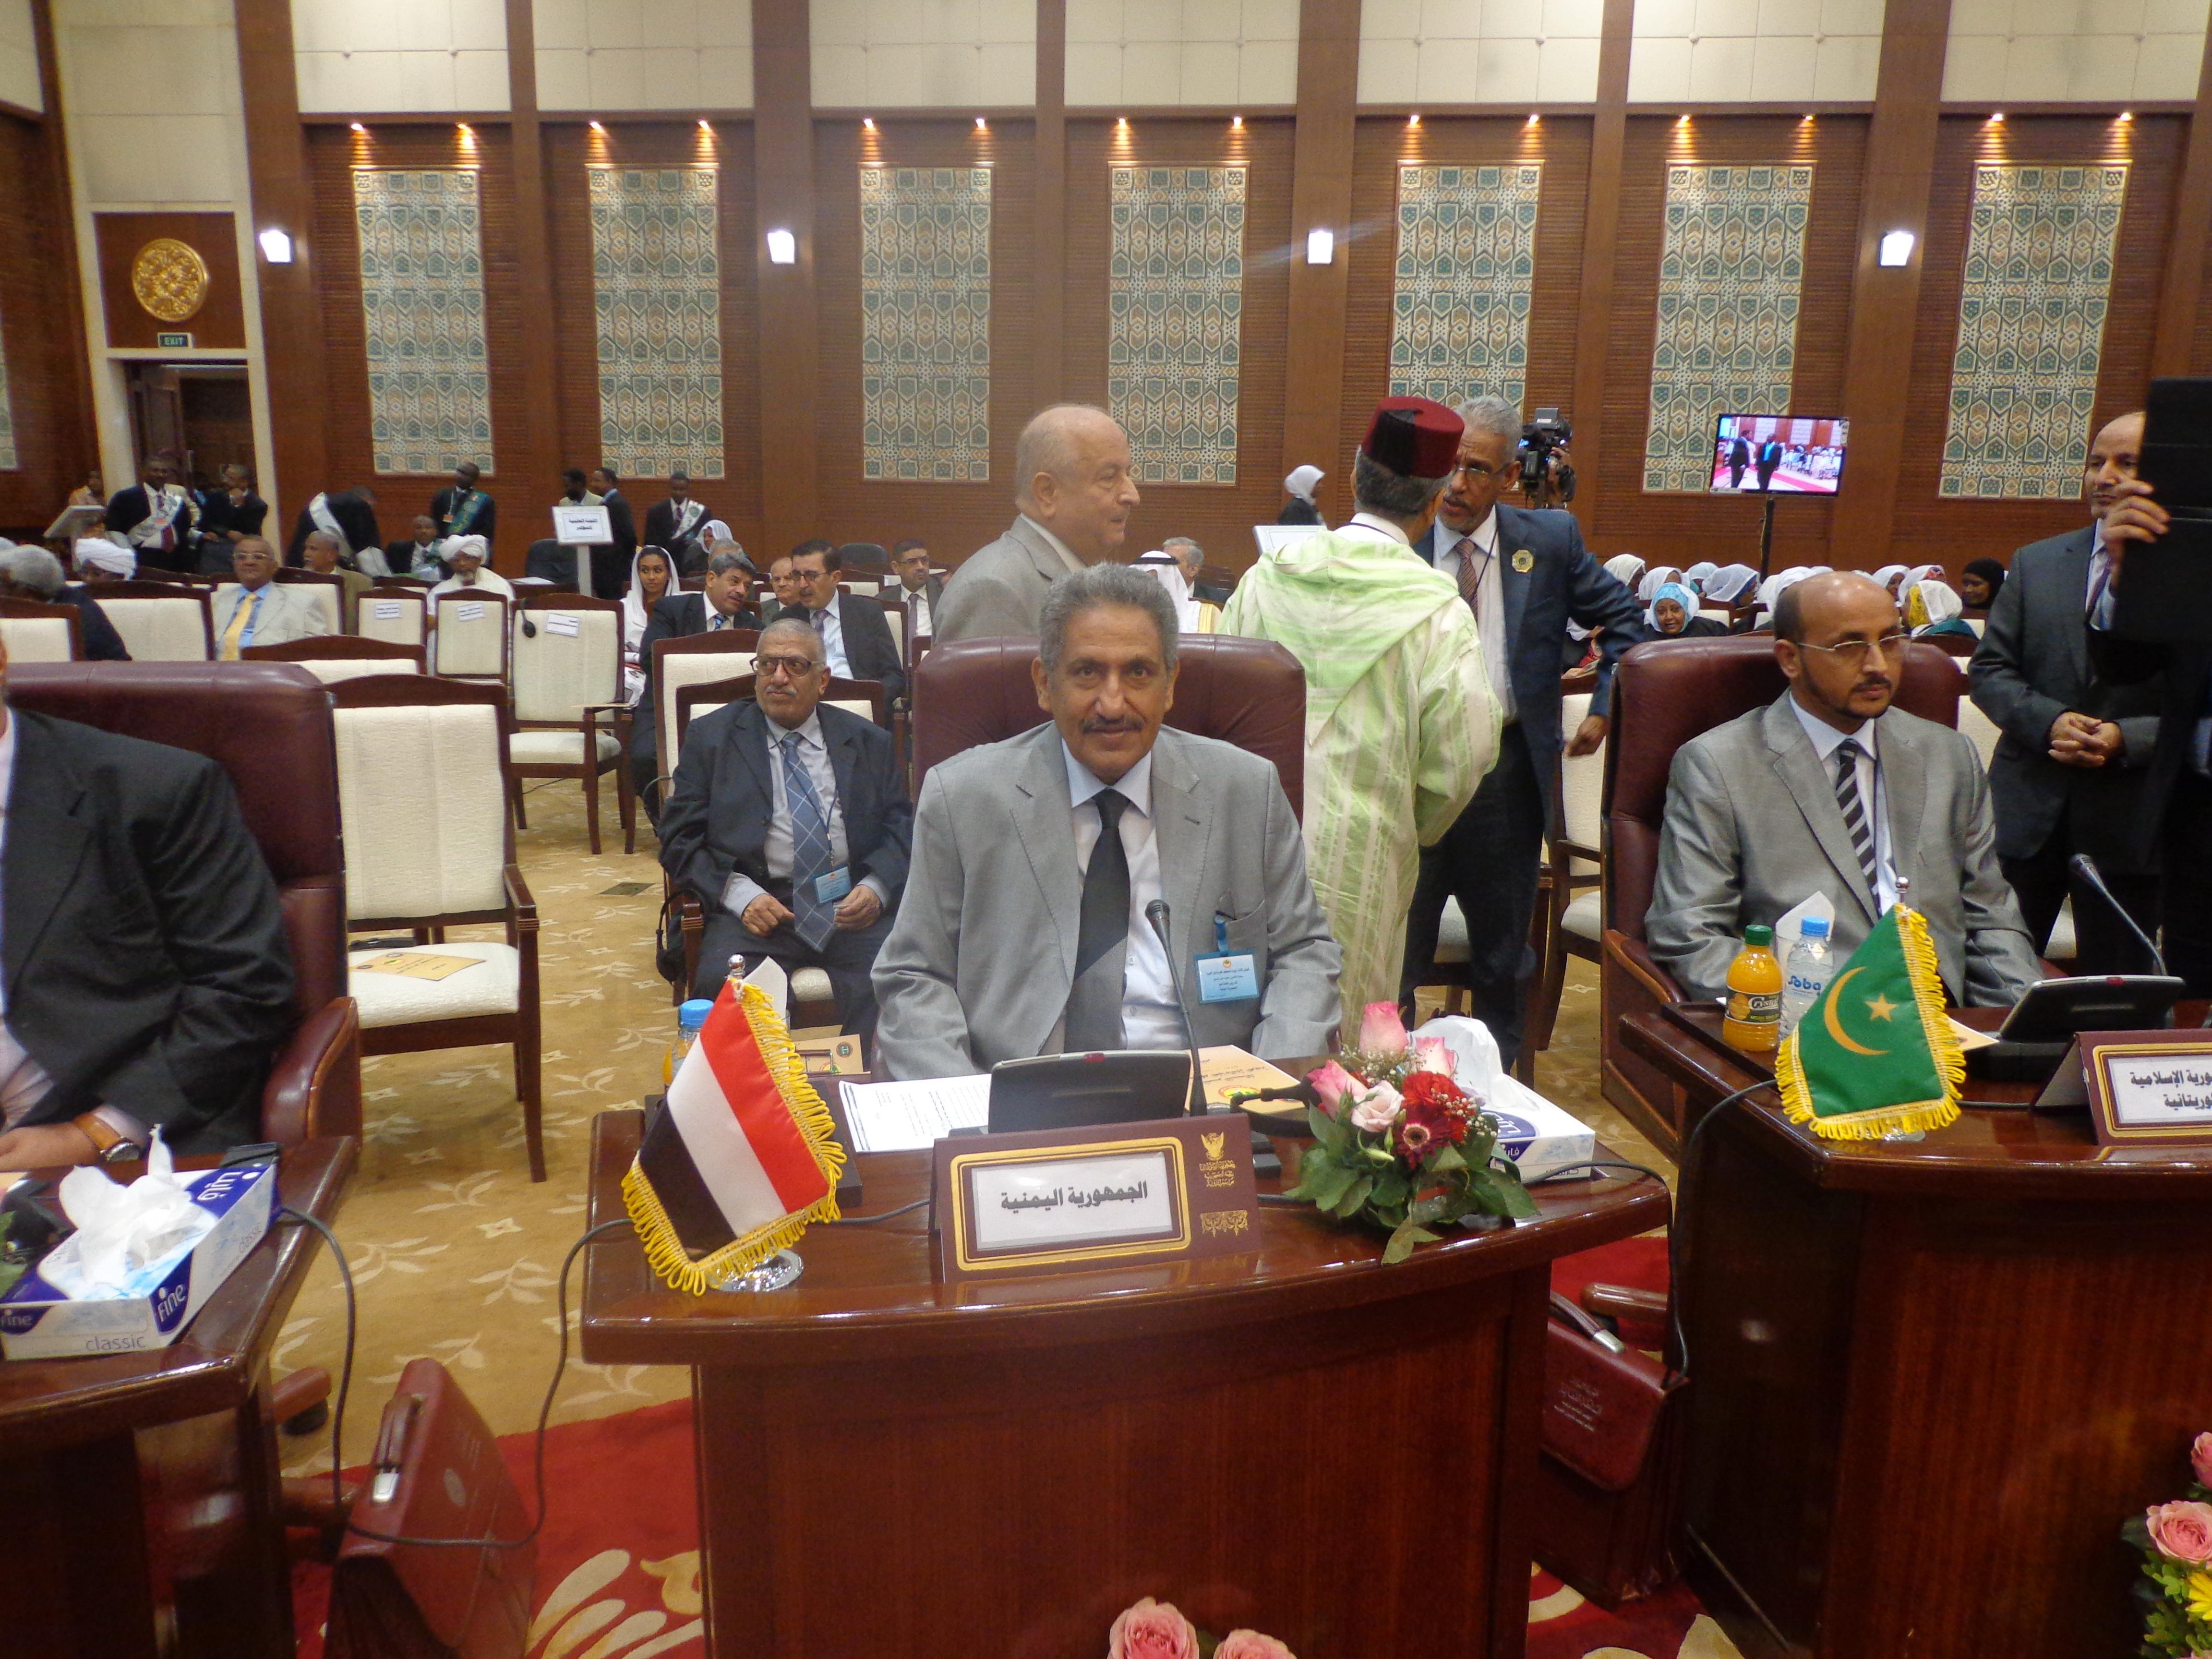 DSC00455 نائب الرئيس السوداني يفتتح المؤتمر الثالث للمحاكم العليا بمشاركة اليمن